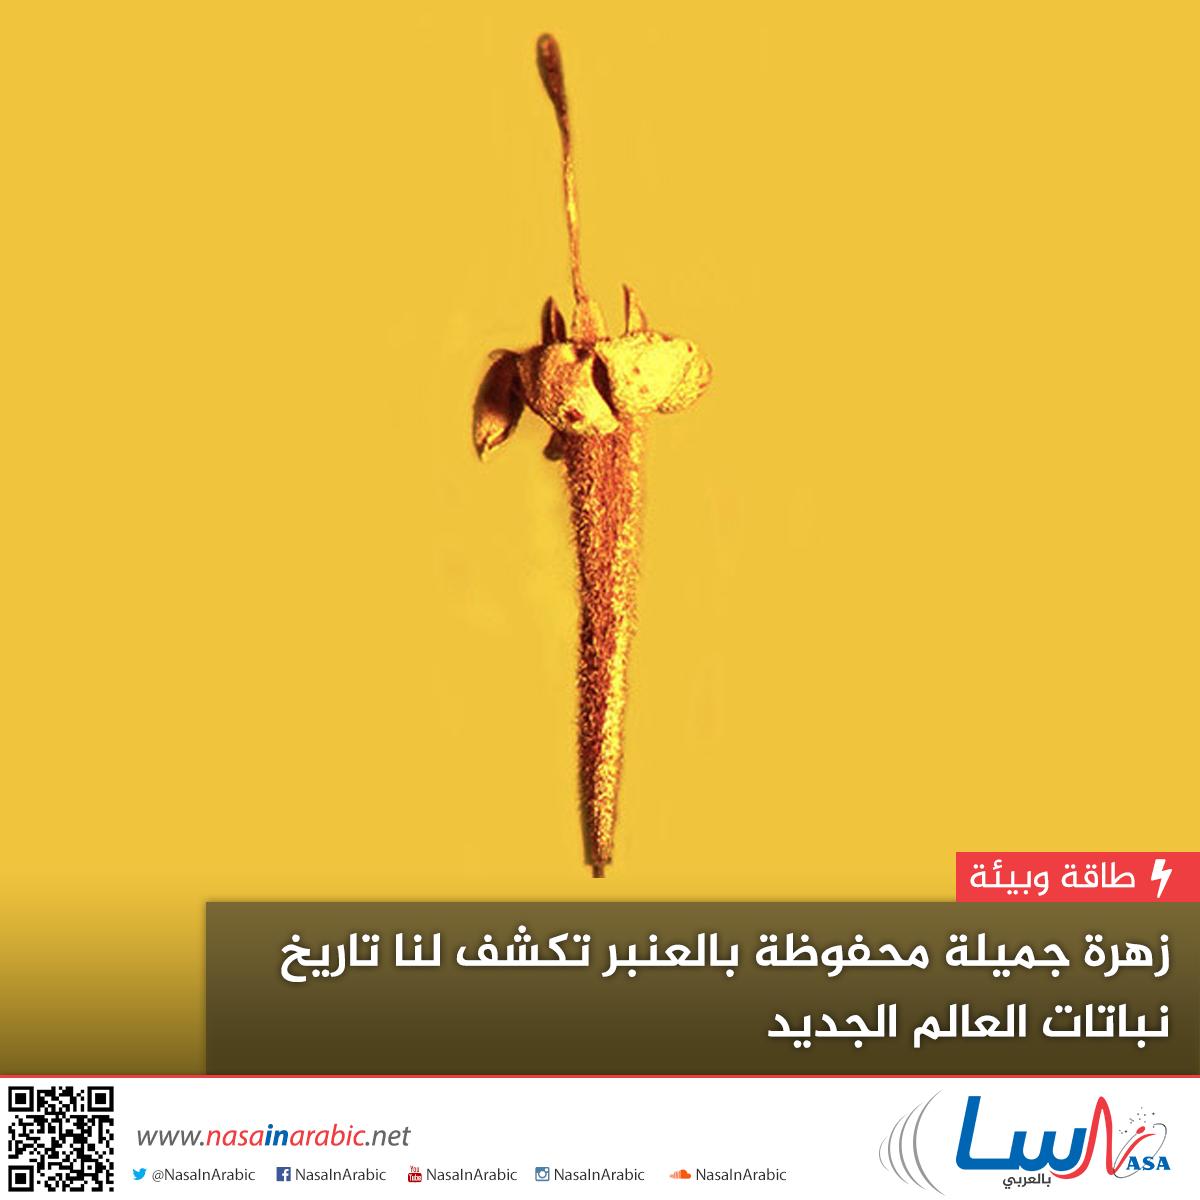 زهرة جميلة محفوظة بالعنبر تكشف لنا تاريخ نباتاتٍ من العالم الجديد